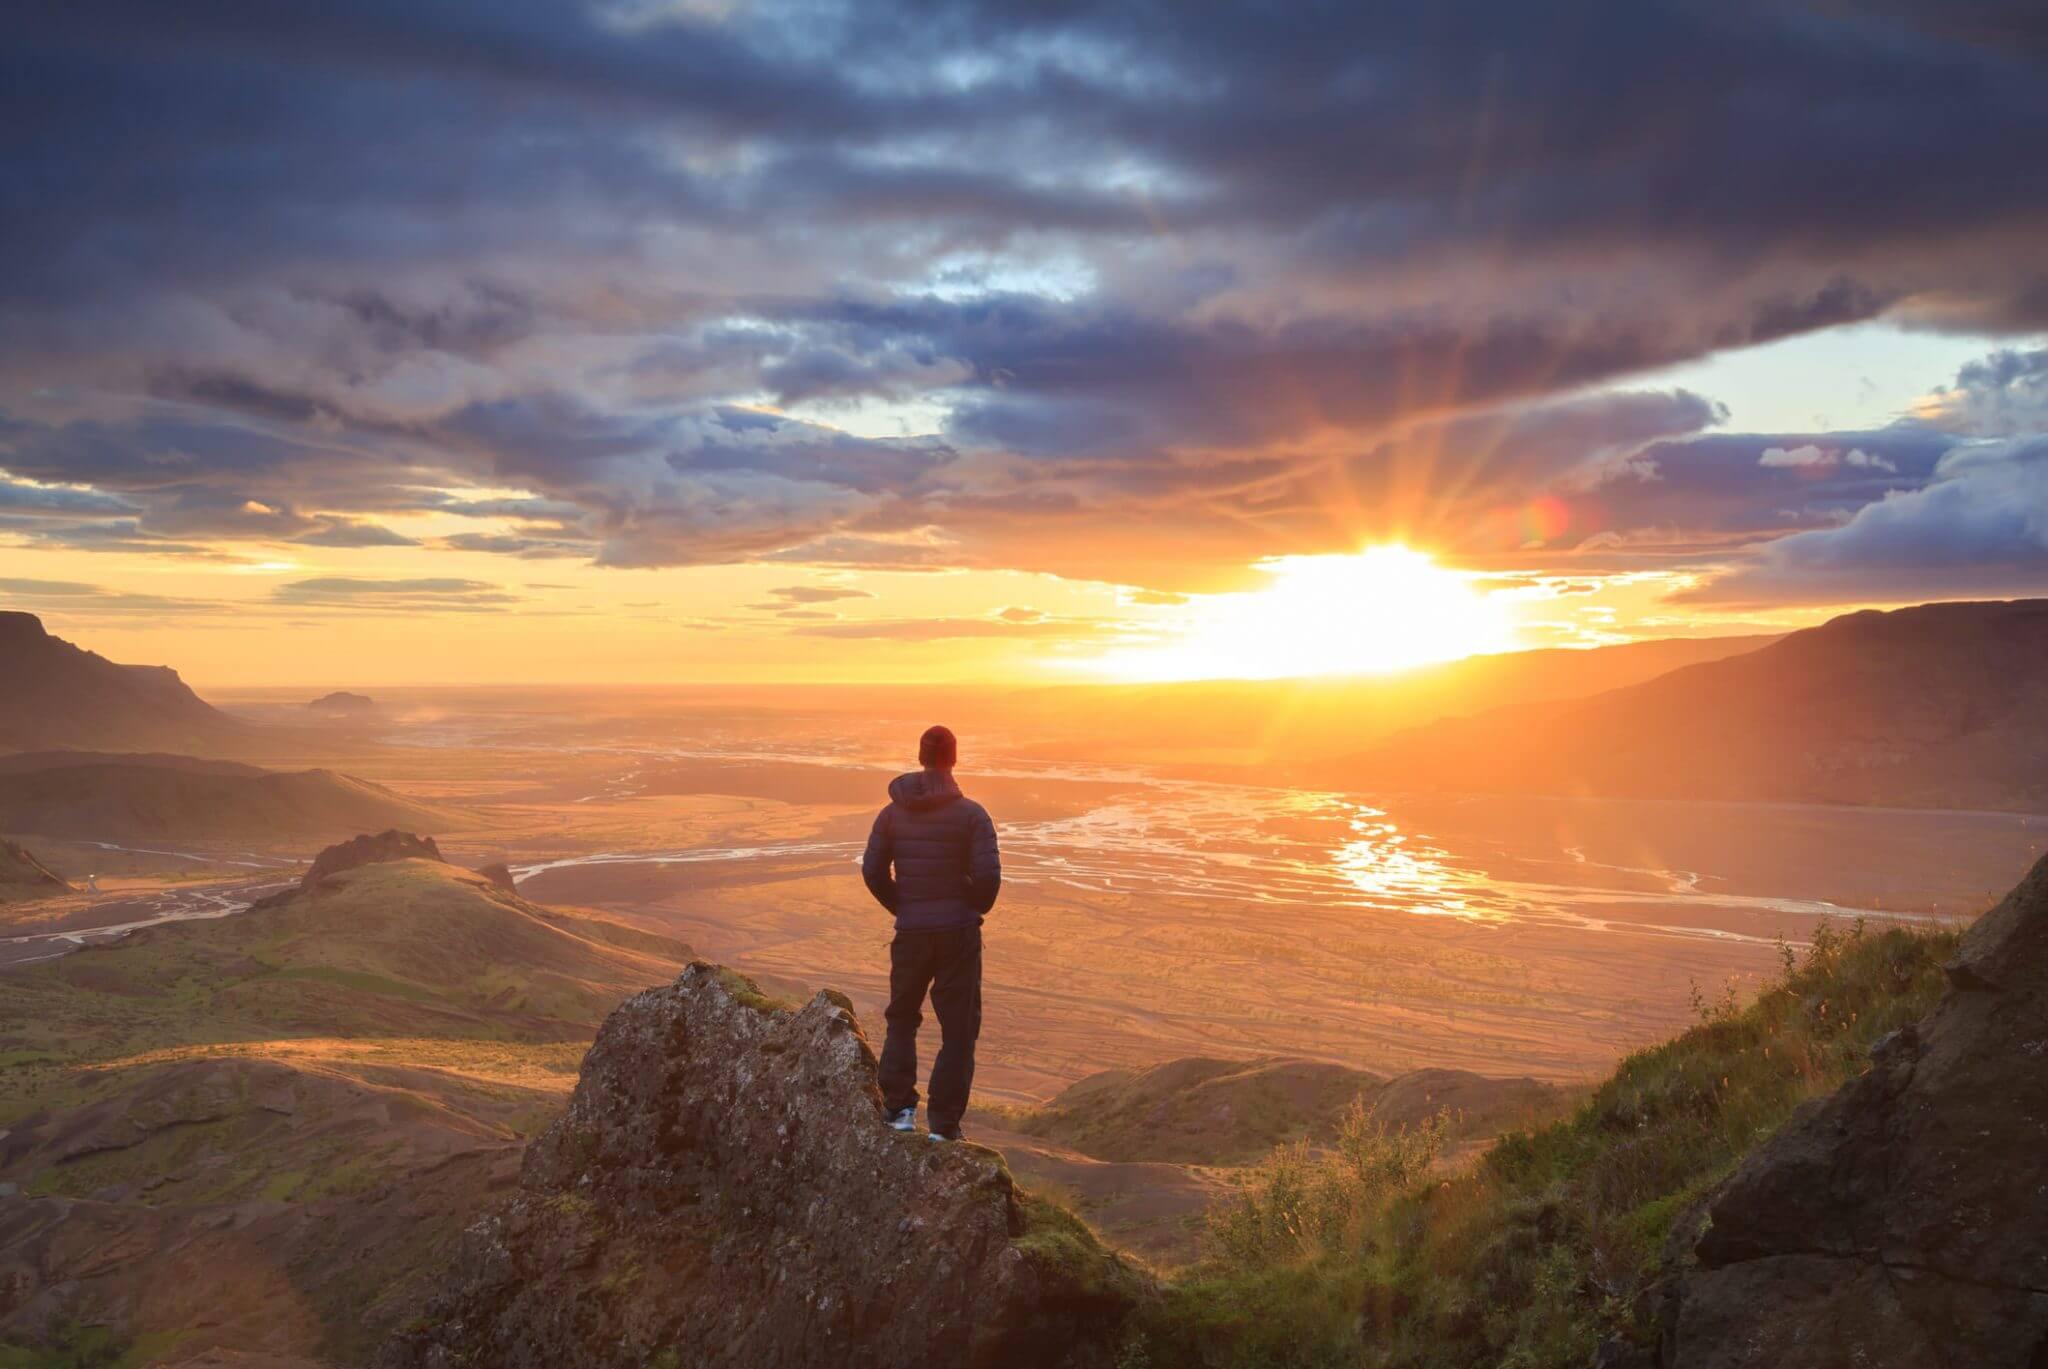 Personne debout devant un couché de soleil : devenir un leader inspiré